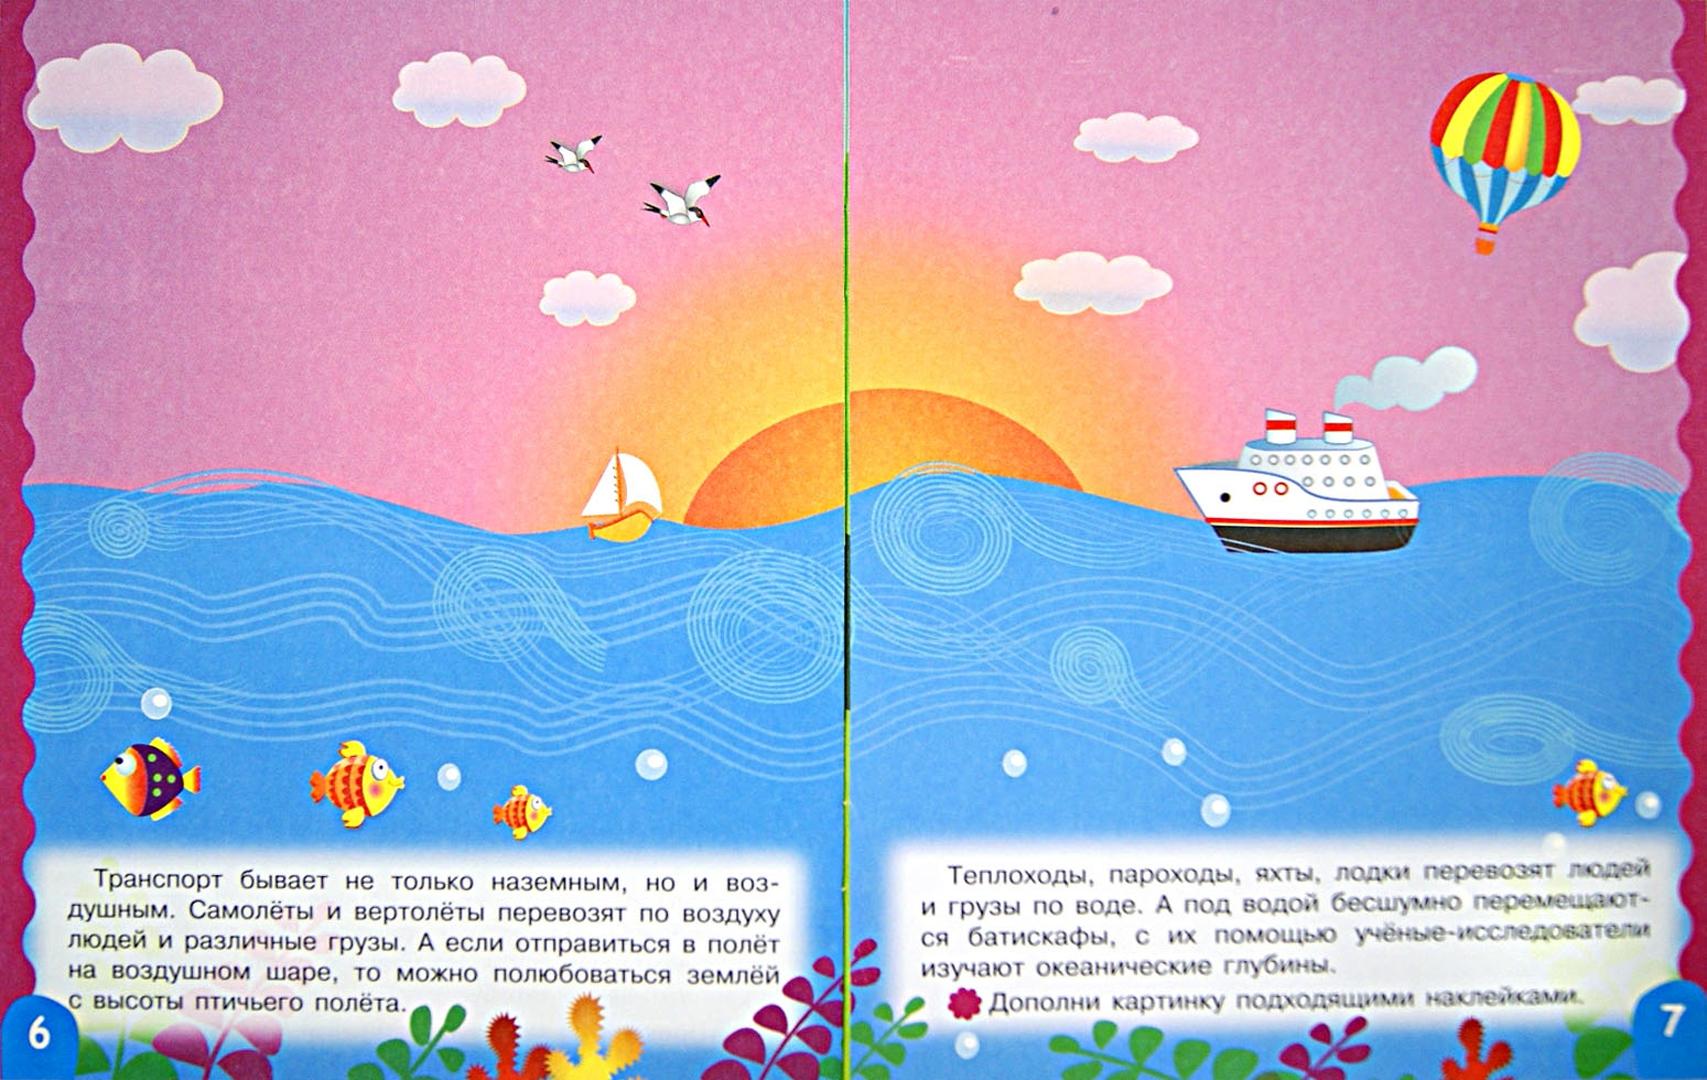 Иллюстрация 1 из 33 для Транспорт - Маврина, Долгов | Лабиринт - книги. Источник: Лабиринт